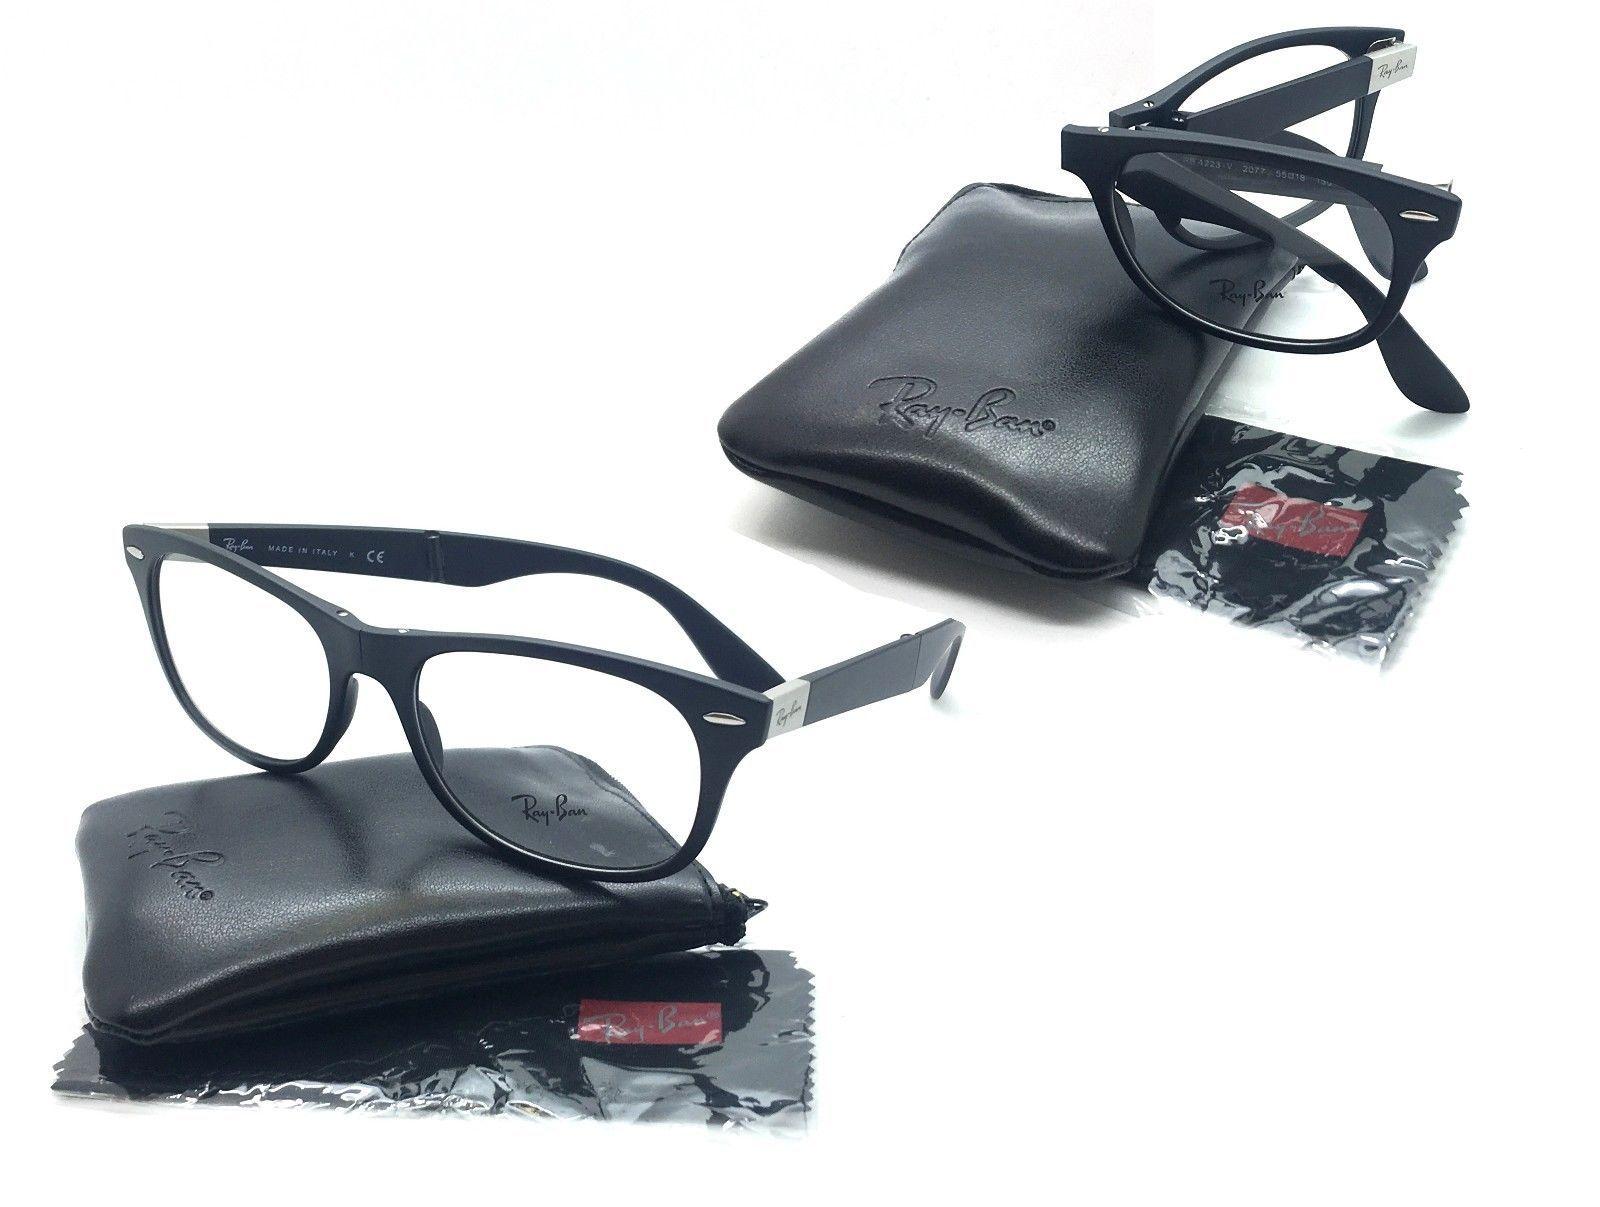 e166884d08f Ray-Ban Wayfarer Folding Black Rb 4223 V and 50 similar items. S l1600